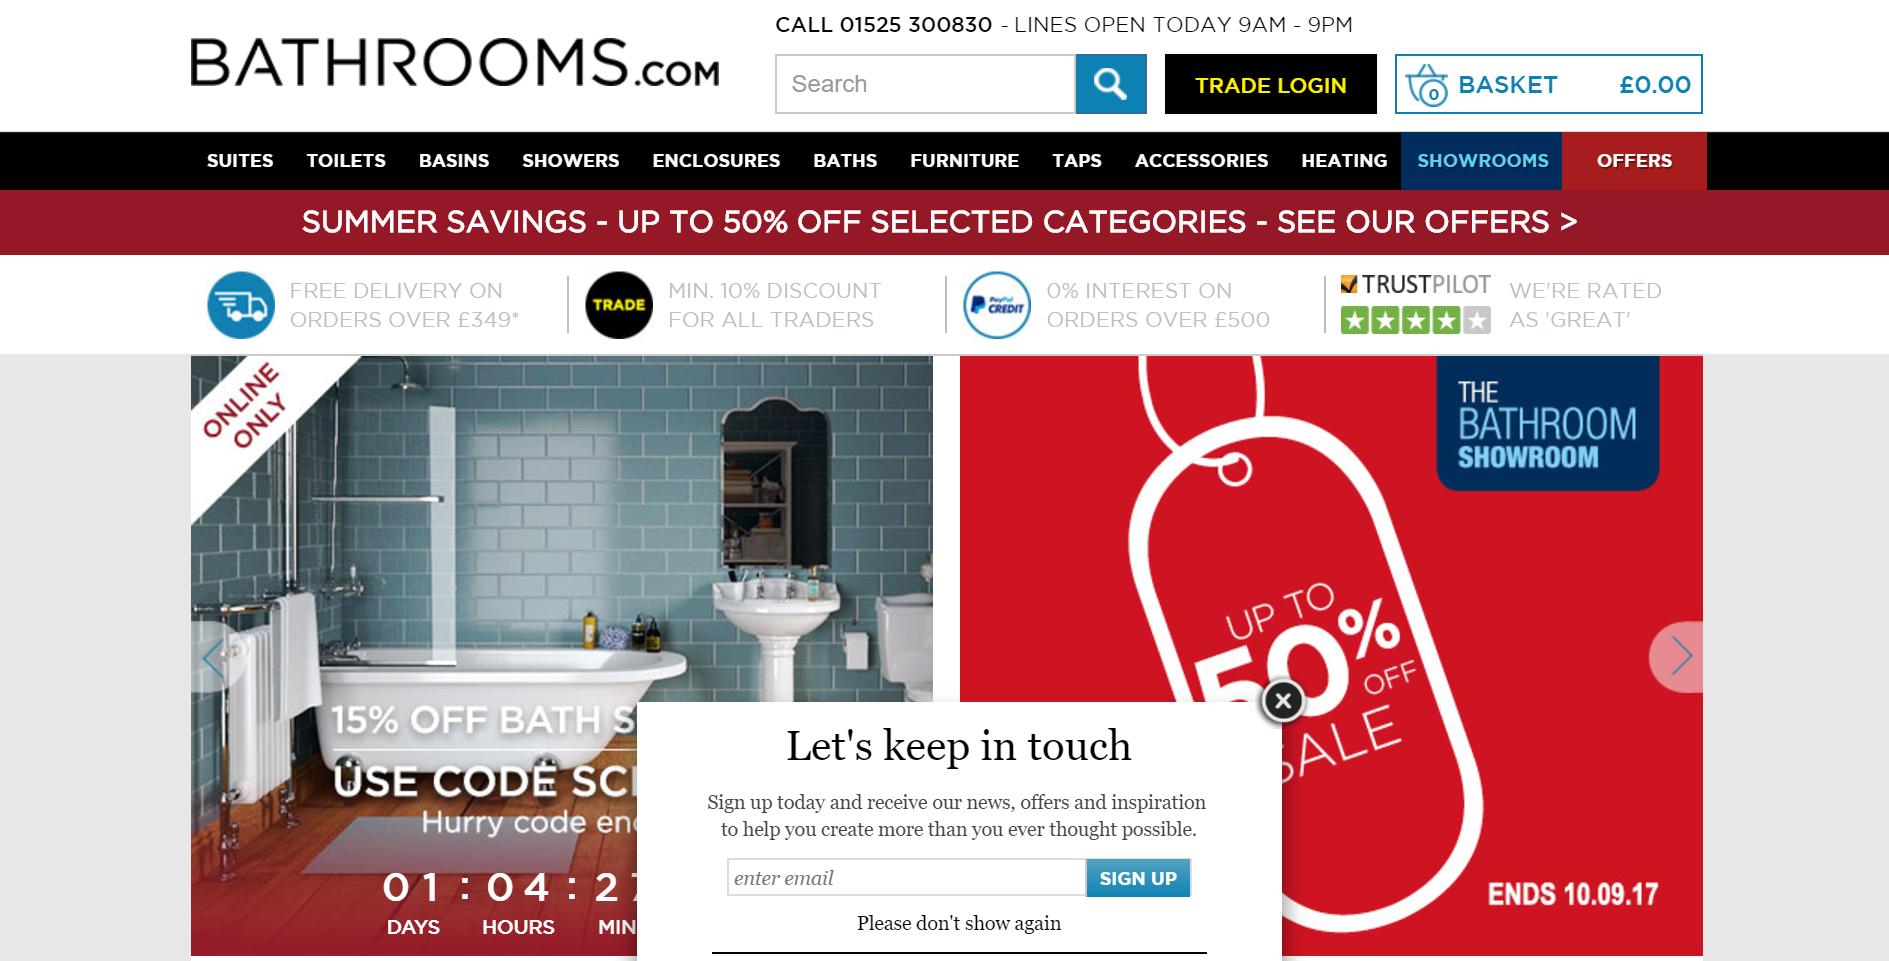 Bathrooms.com Review